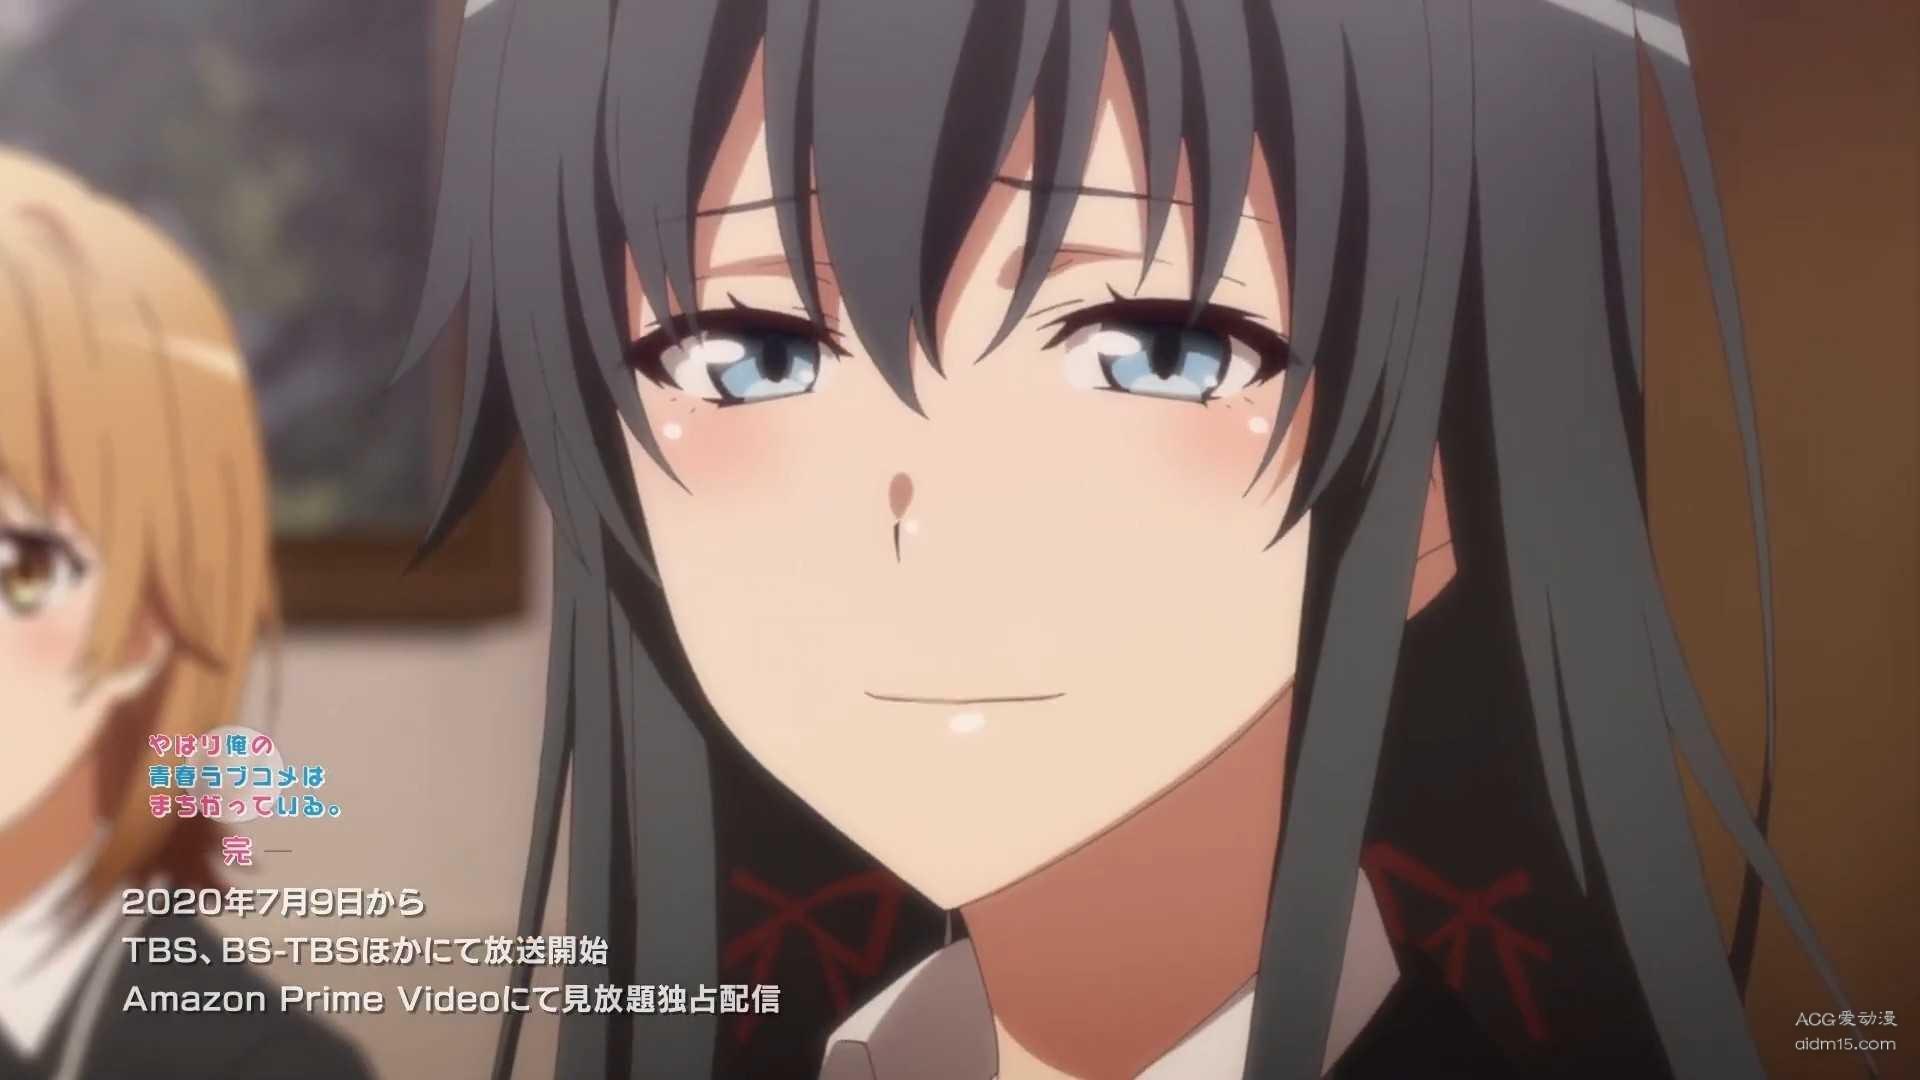 【动漫更新】我的青春恋爱物语果然有问题 完-小柚妹站